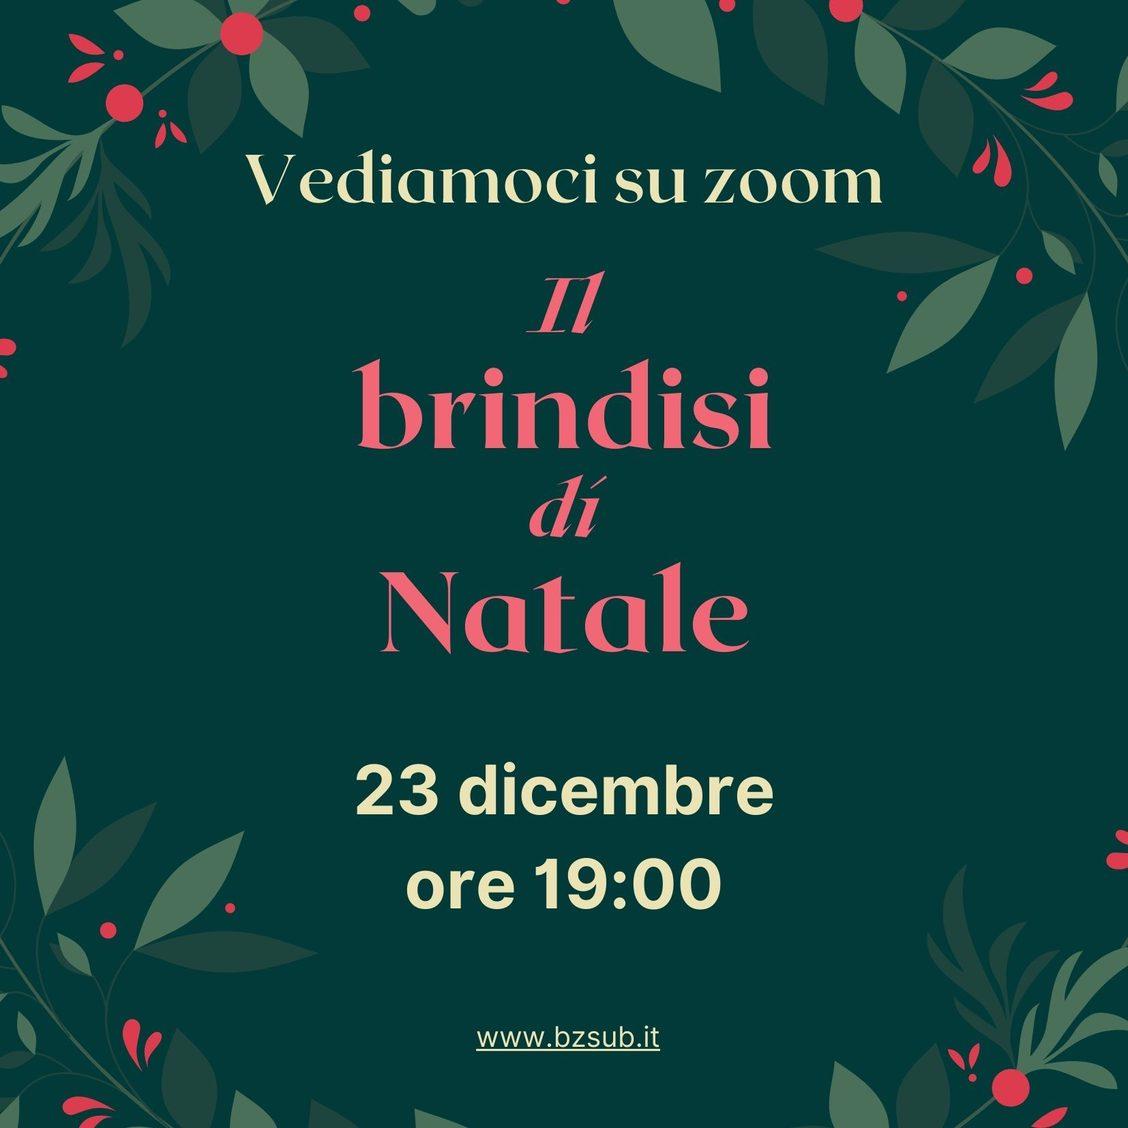 Brindisi virtuale di Natale con Bolzano Sub mercoledì 23 dicembre alle 19:00